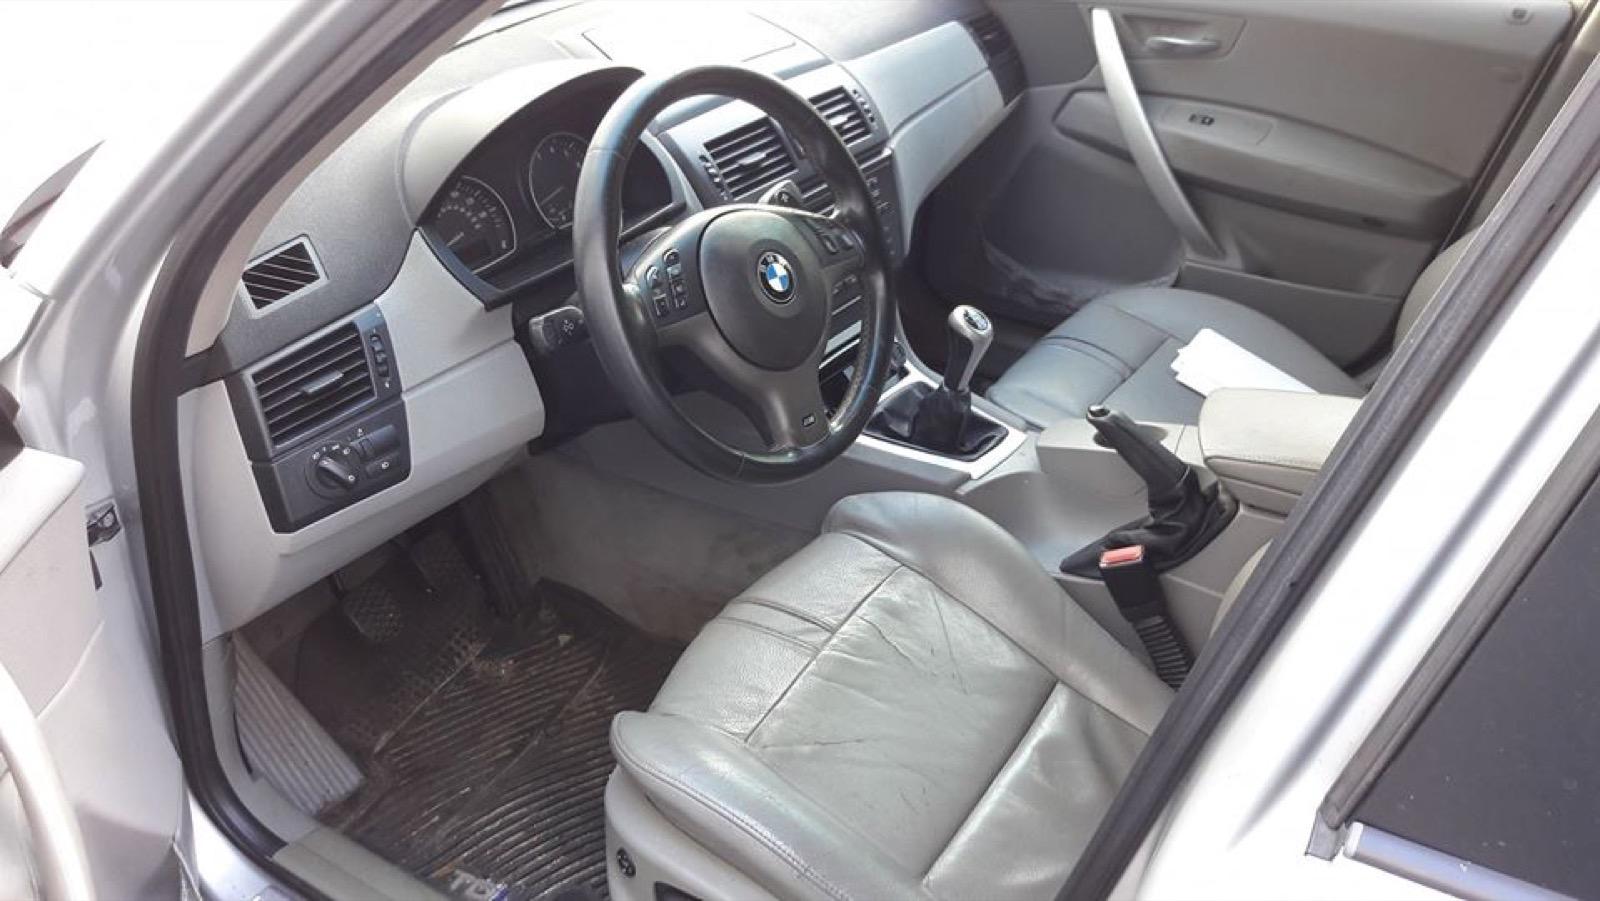 BMW_X3_with_M3_engine_0002